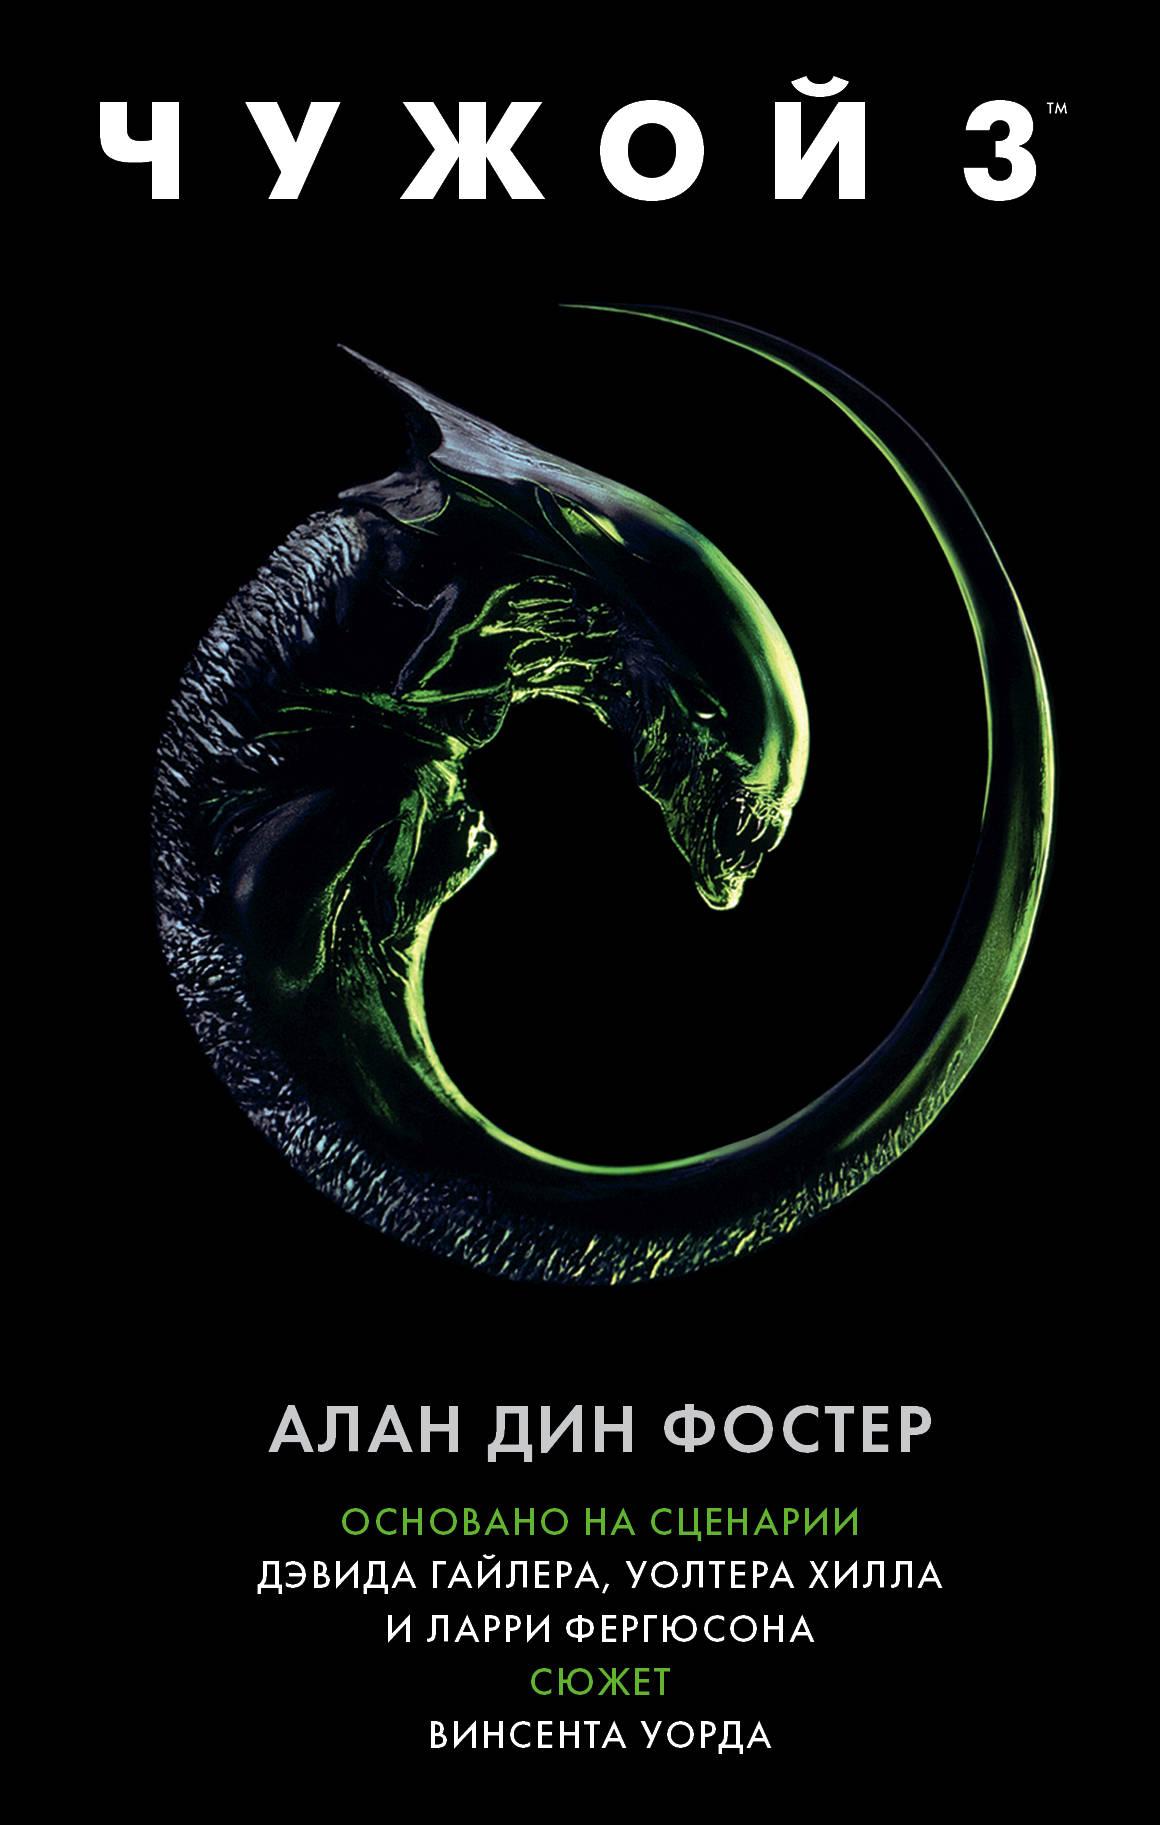 Алан Дин Фостер «Чужой 3»